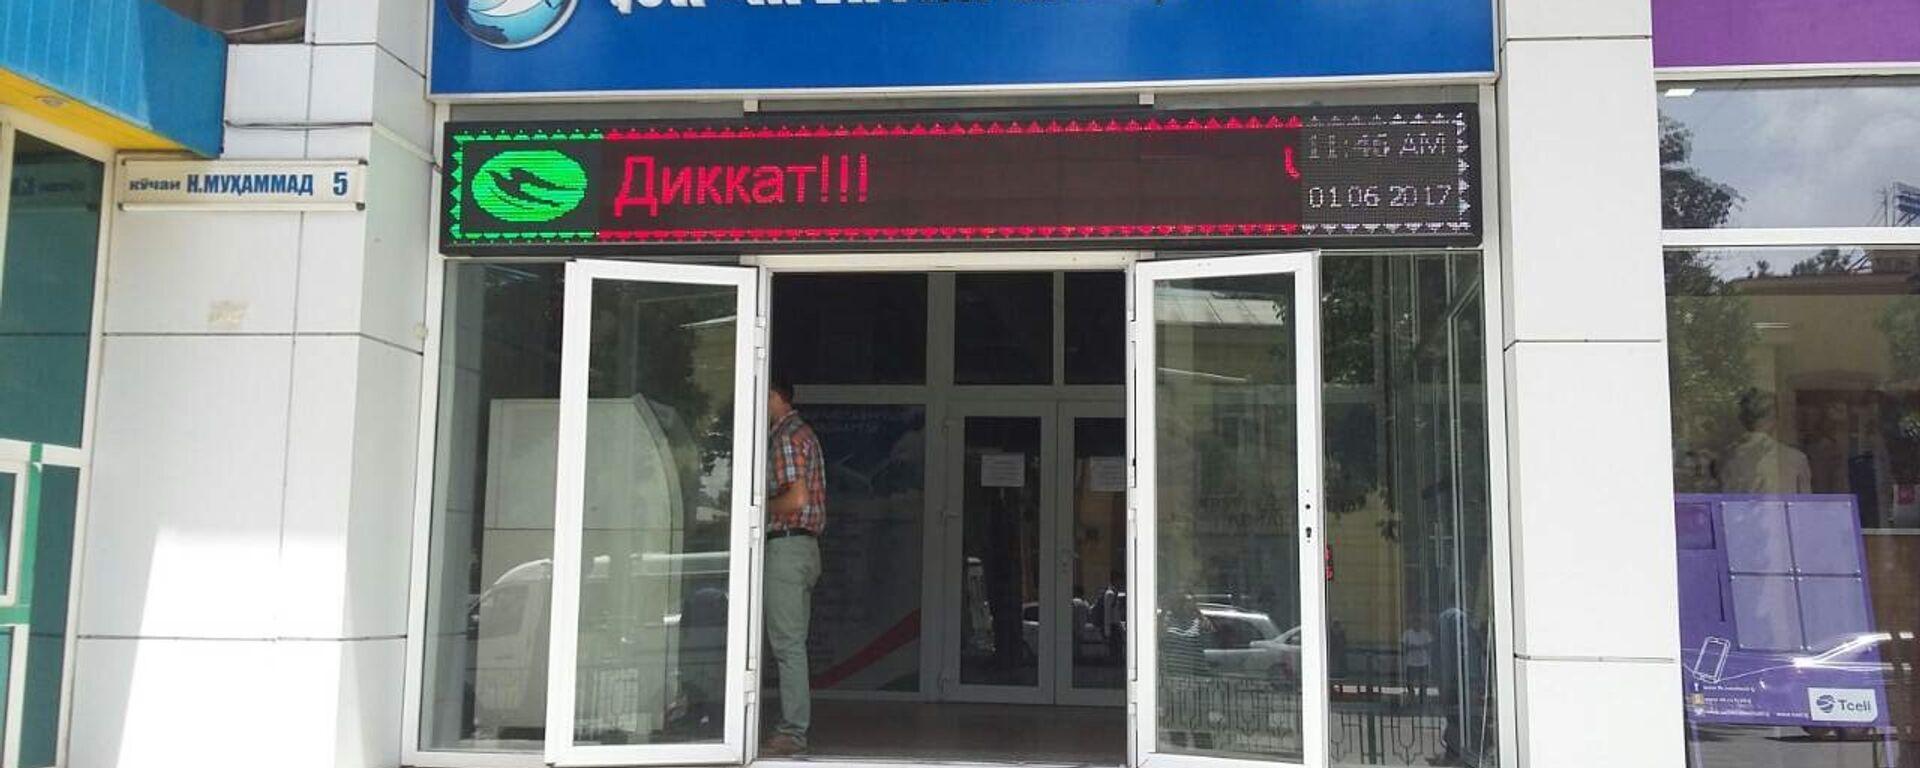 Авиа касса в Душанбе - Sputnik Тоҷикистон, 1920, 01.04.2021